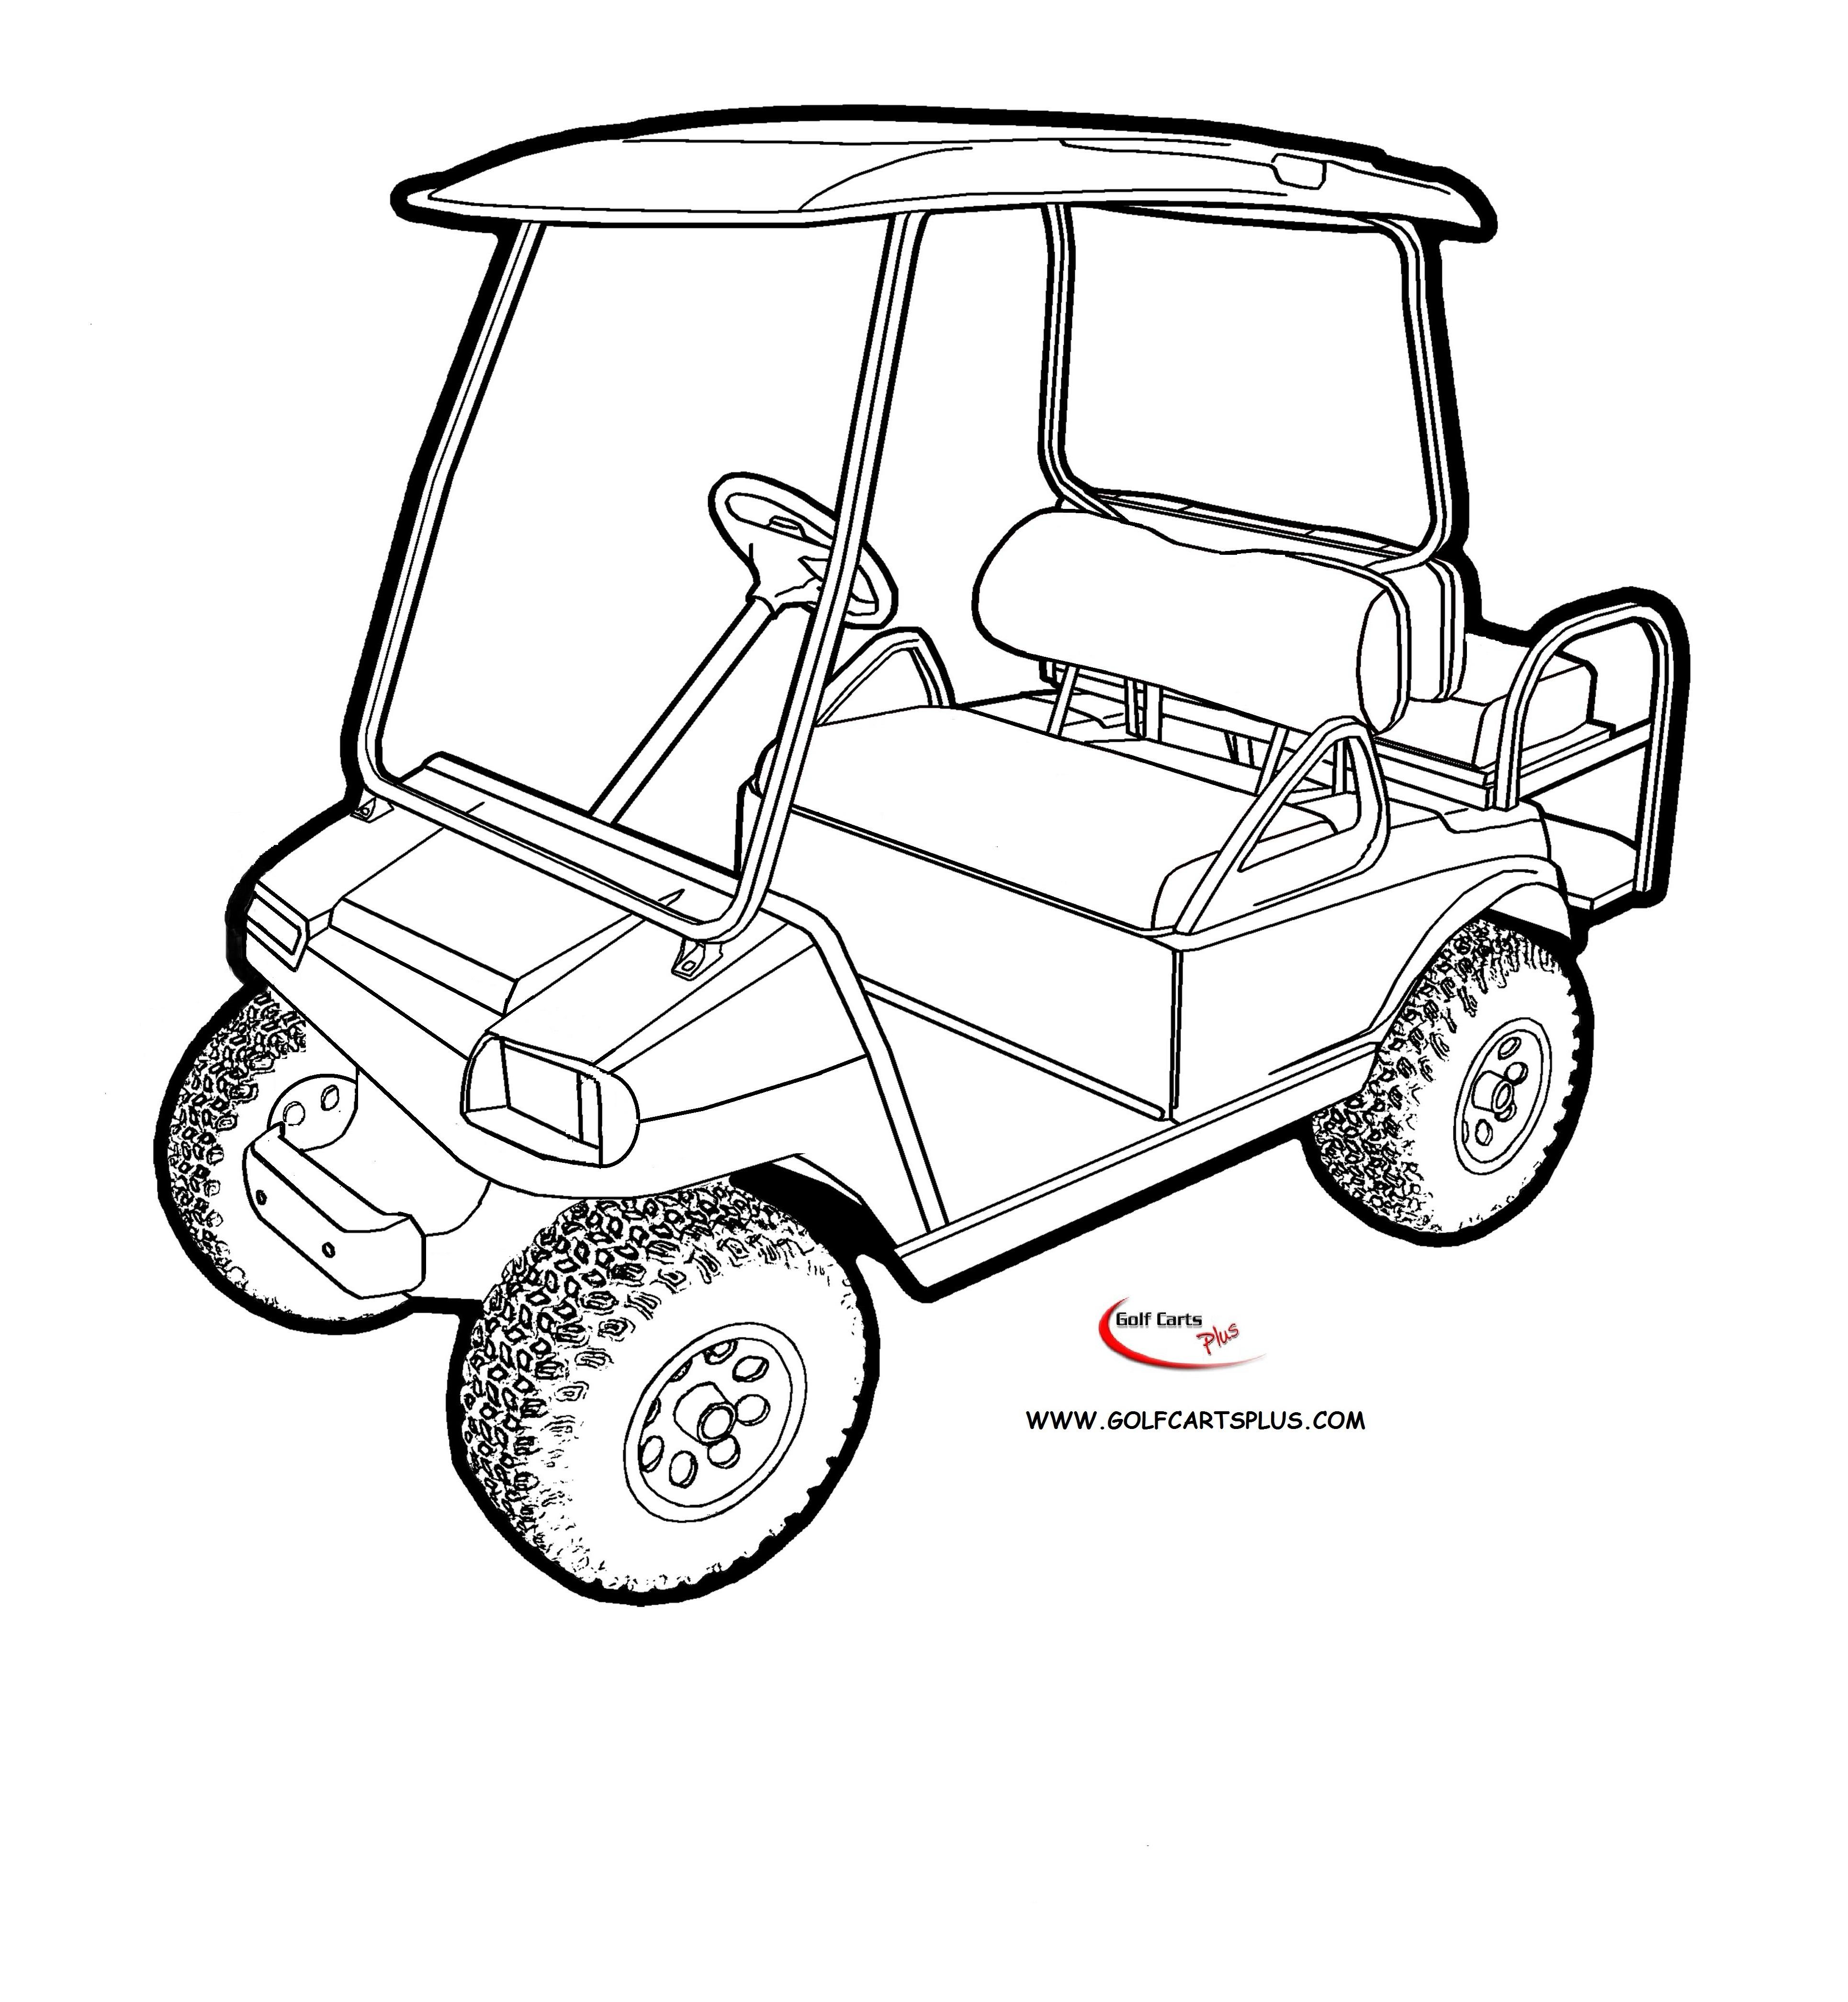 Golf Carts Plus